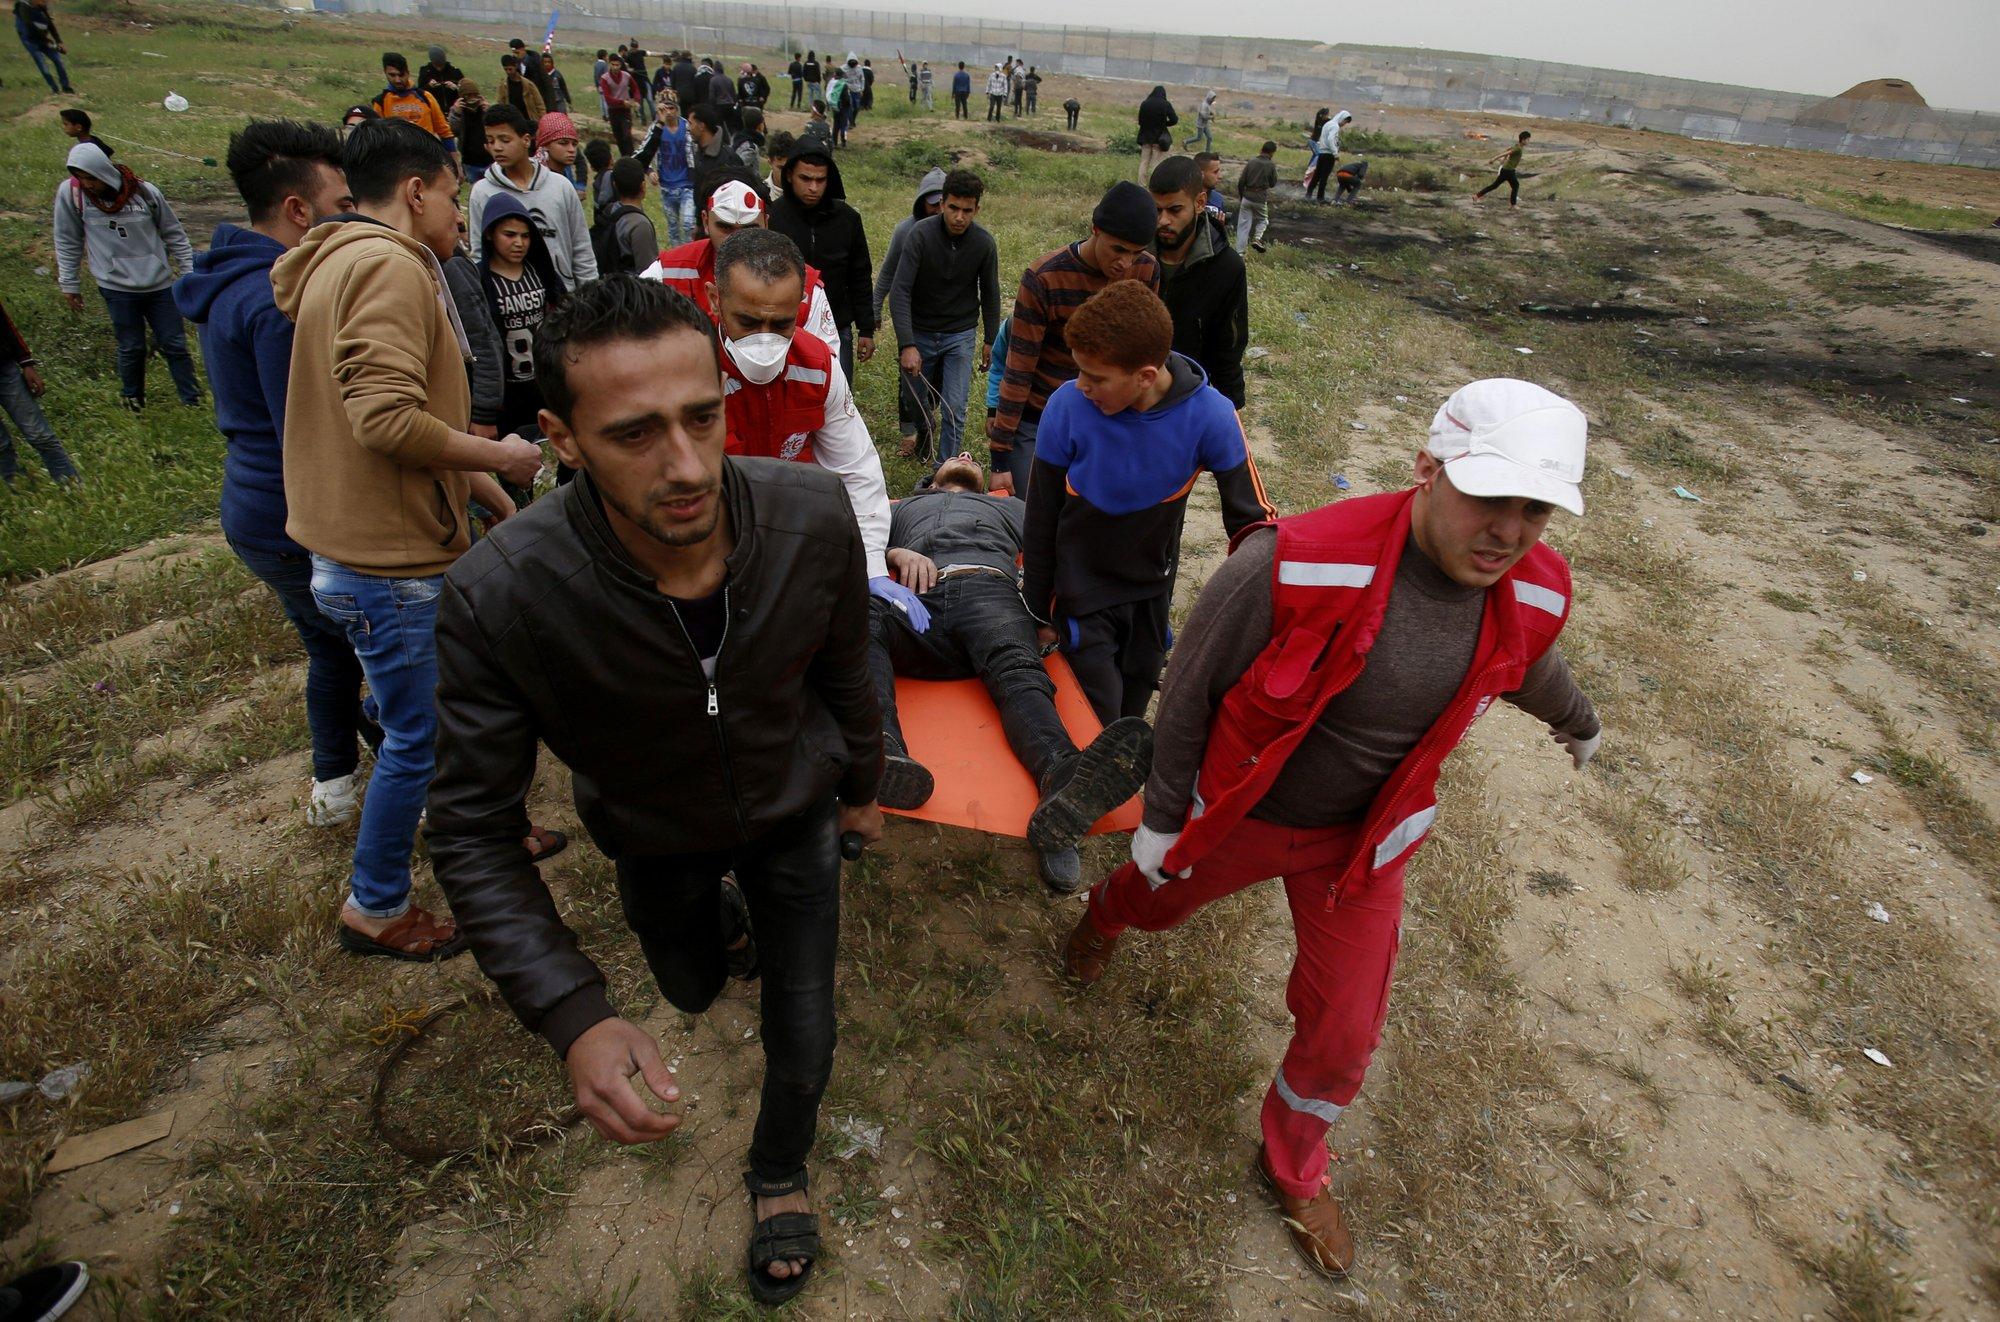 Gaza strip_1553987395573.jpeg.jpg